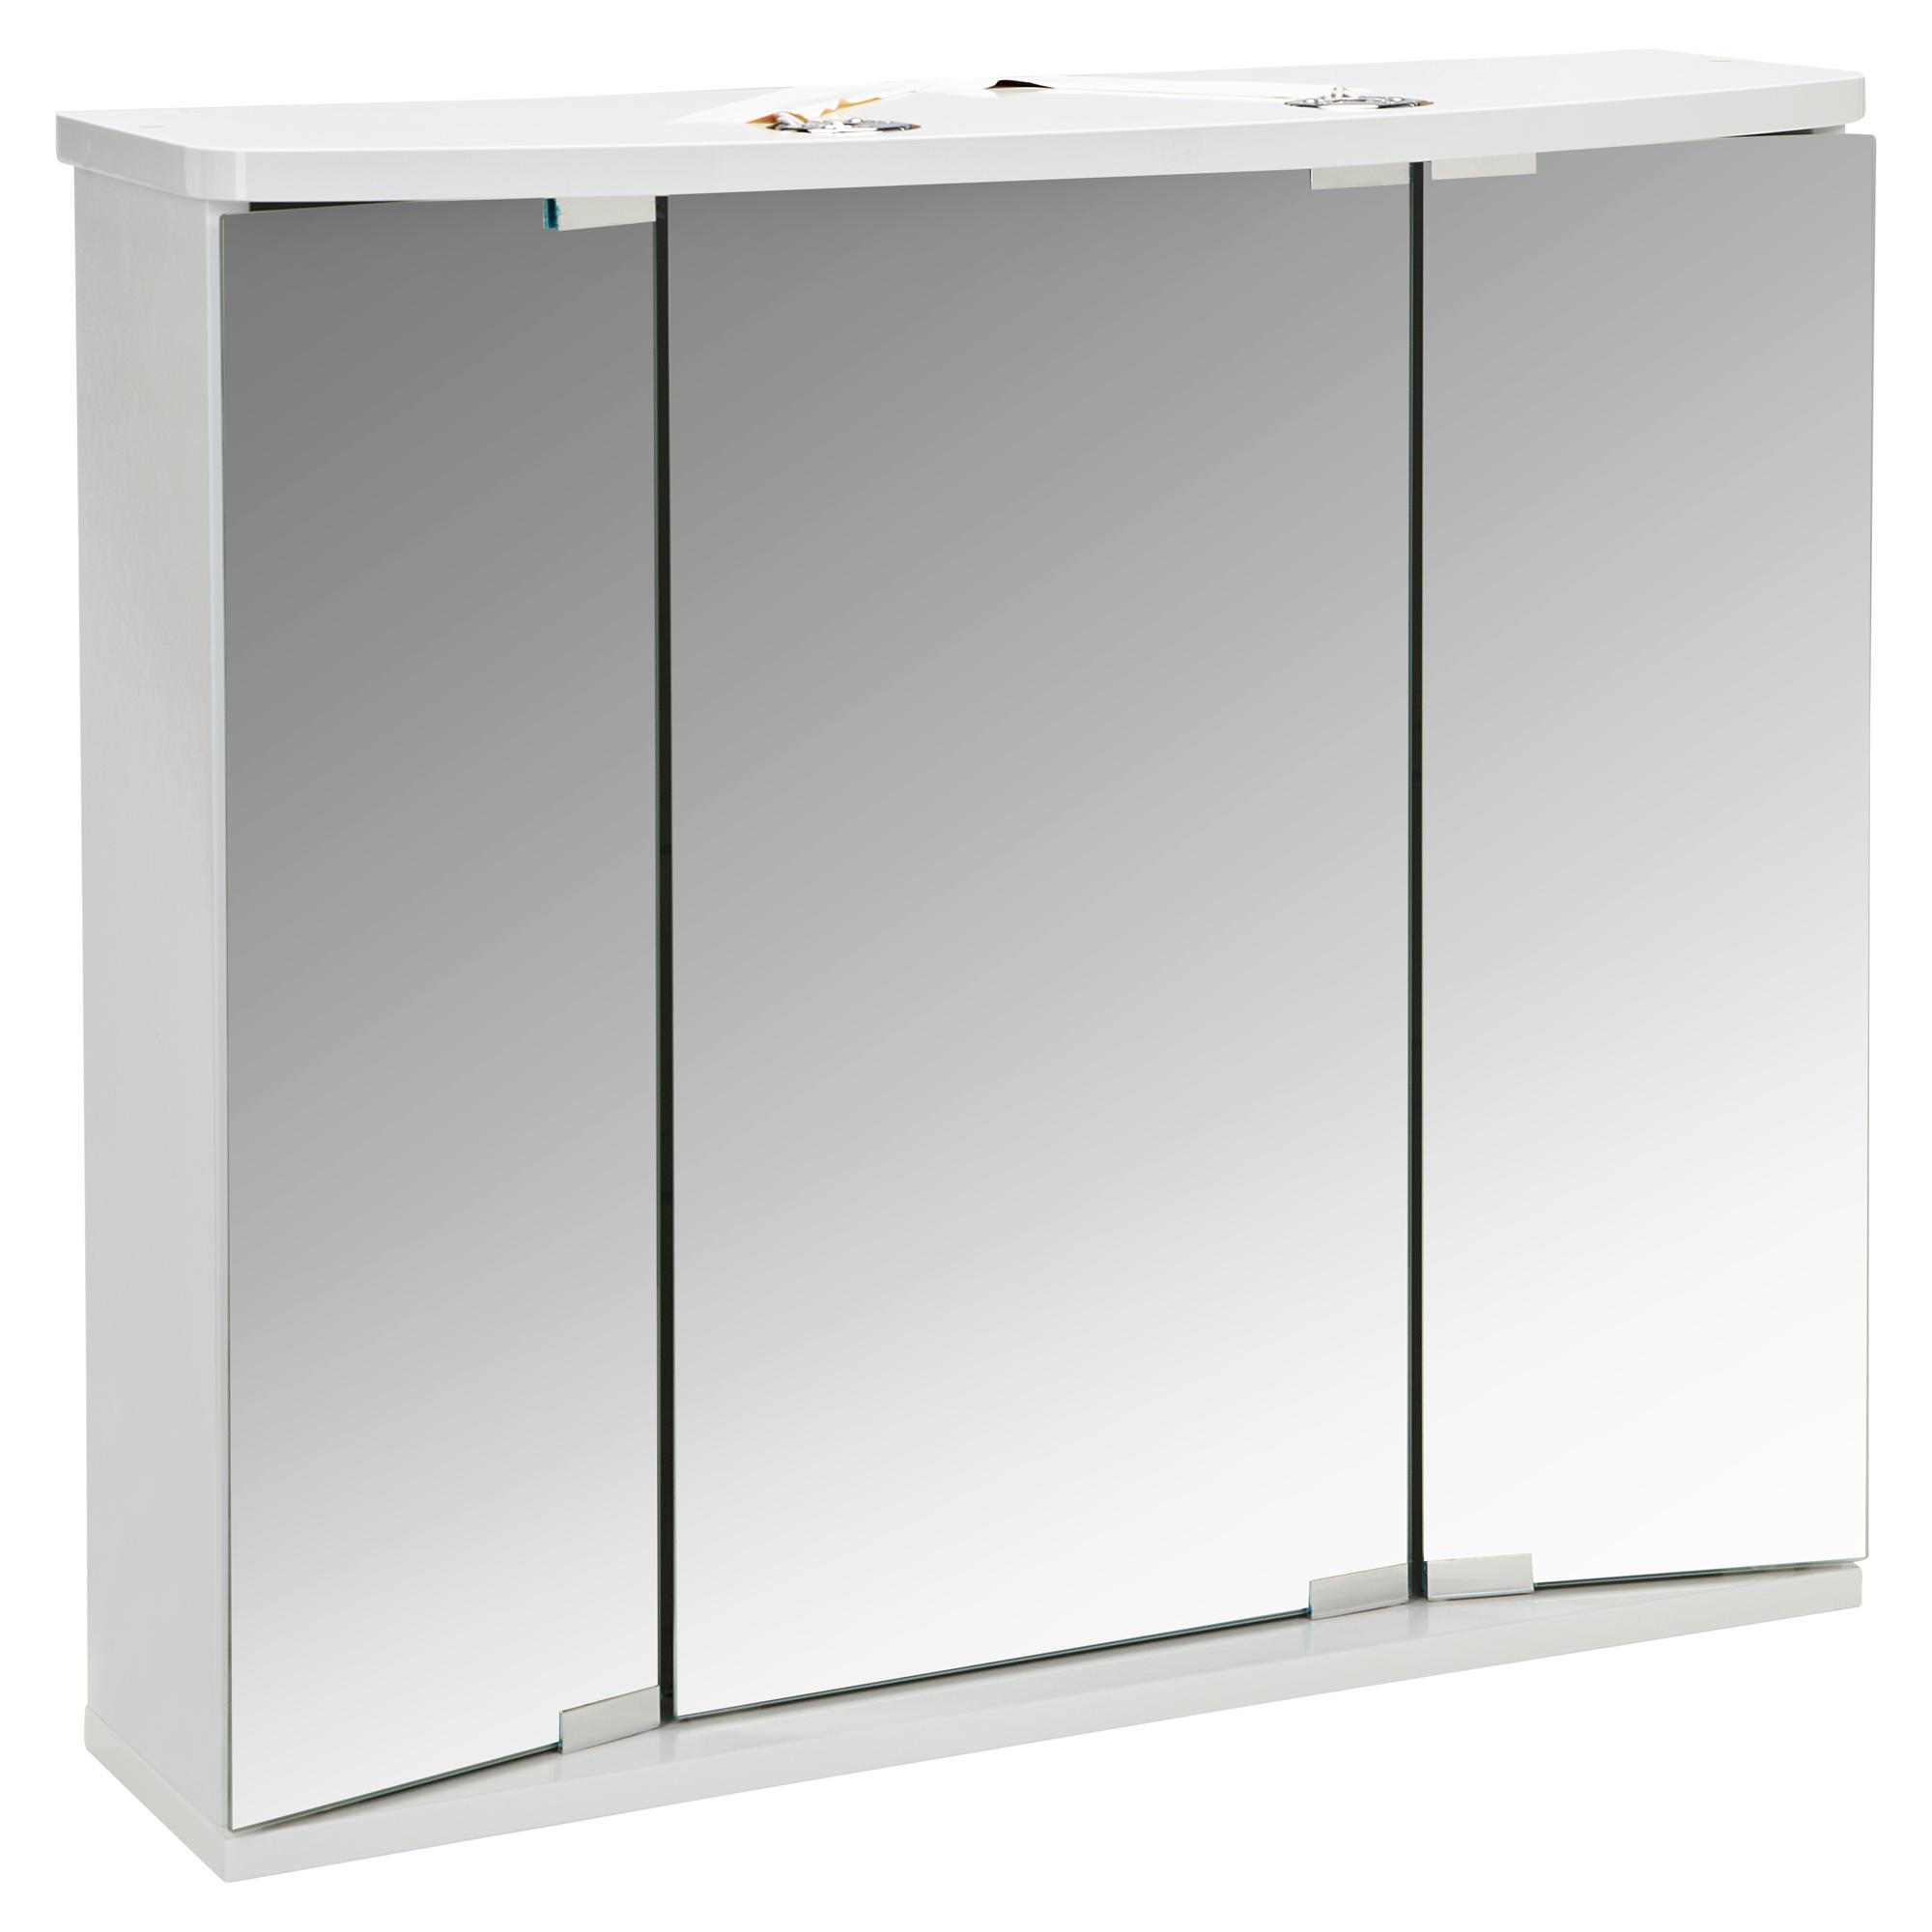 LED-Spiegelschrank \'Funa\' weiß 68 x 60 x 22 cm